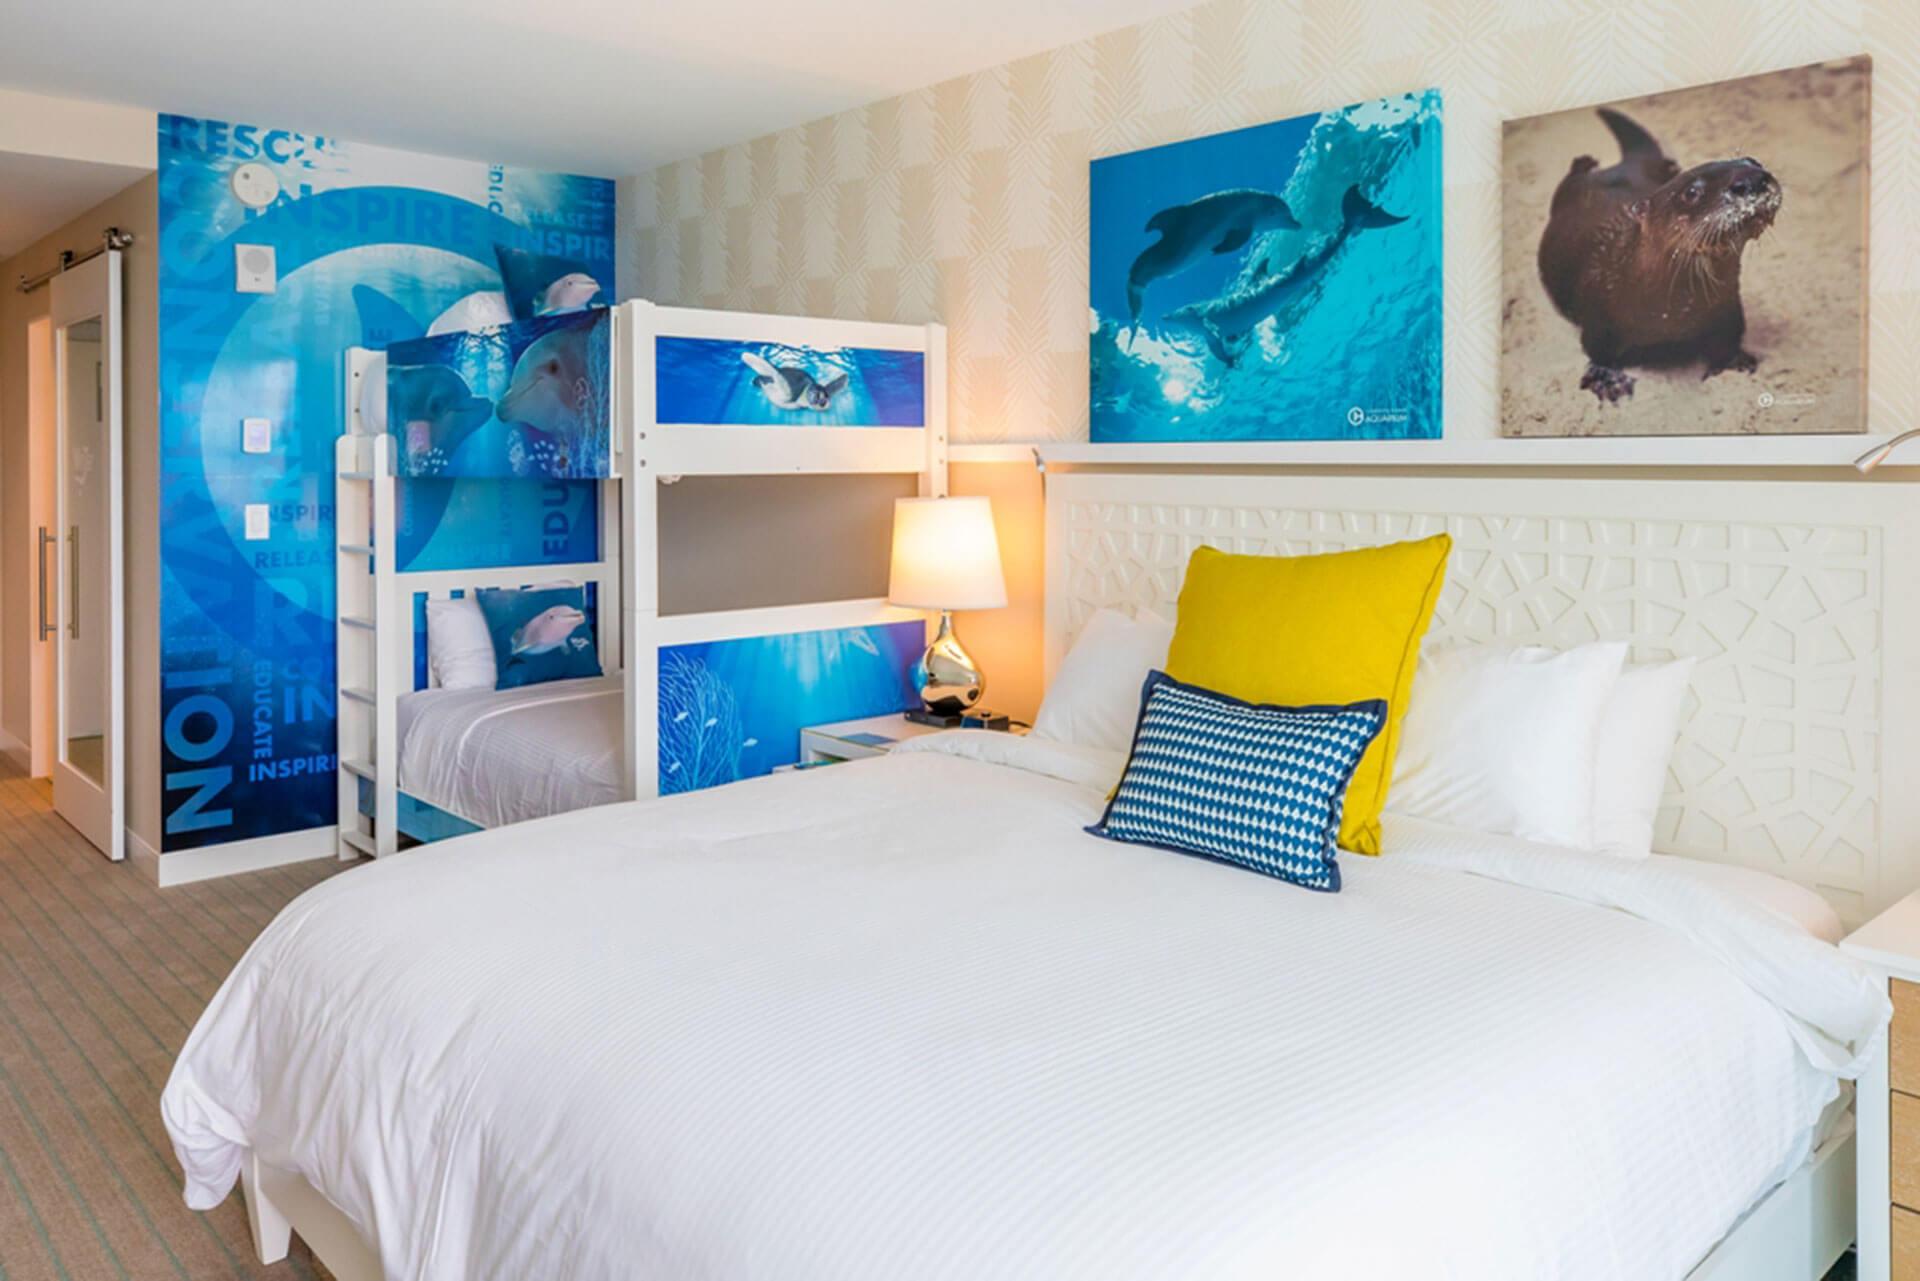  Phòng ngủ với 3 khu vực chức năng chính